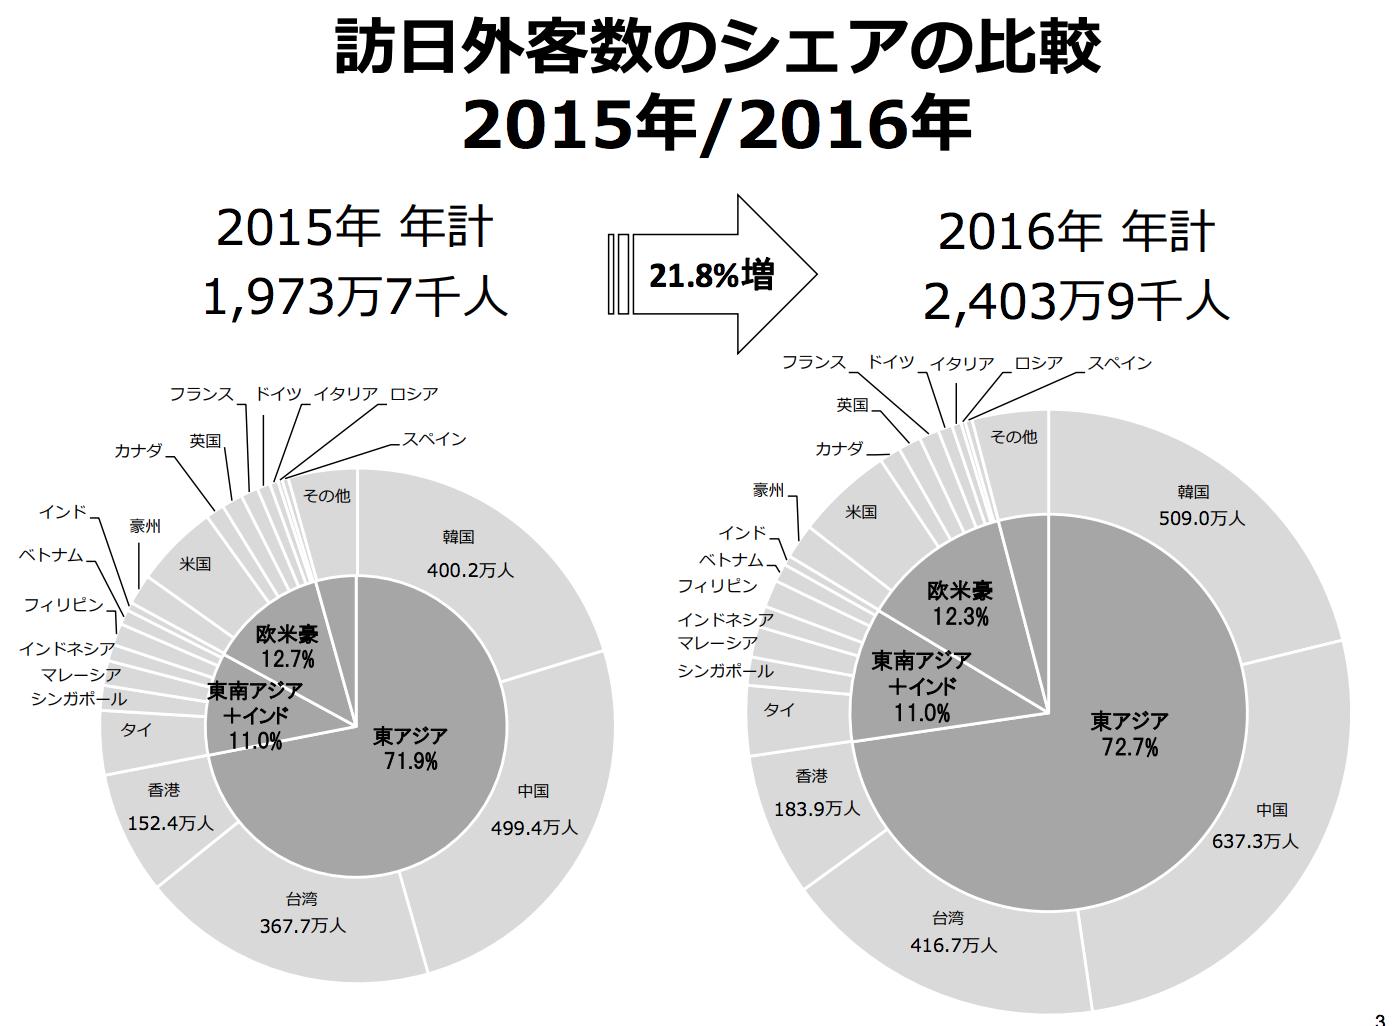 2016年訪日人数 2,403万人 2020年目標4,000万人 日本政府観光局 JNTO 1